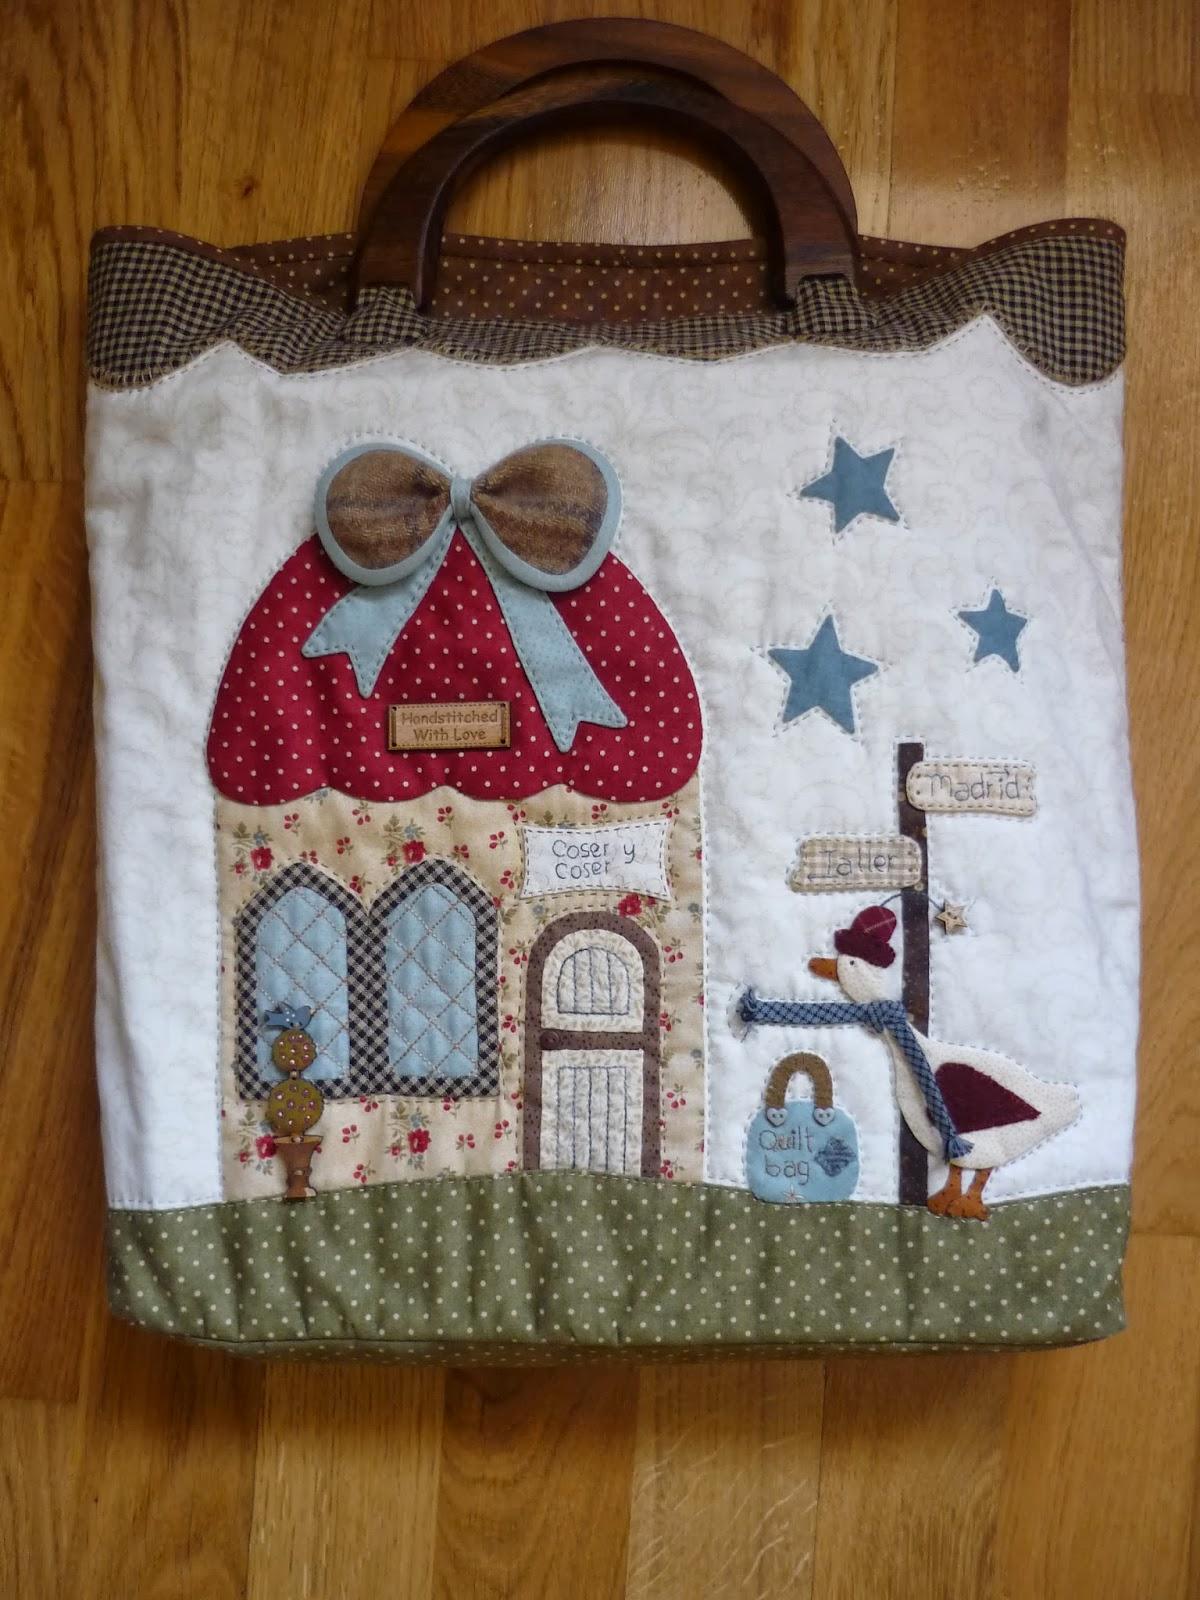 Coser y coser patchwork bolso para mi agenda - Manualidades patchwork bolsos ...